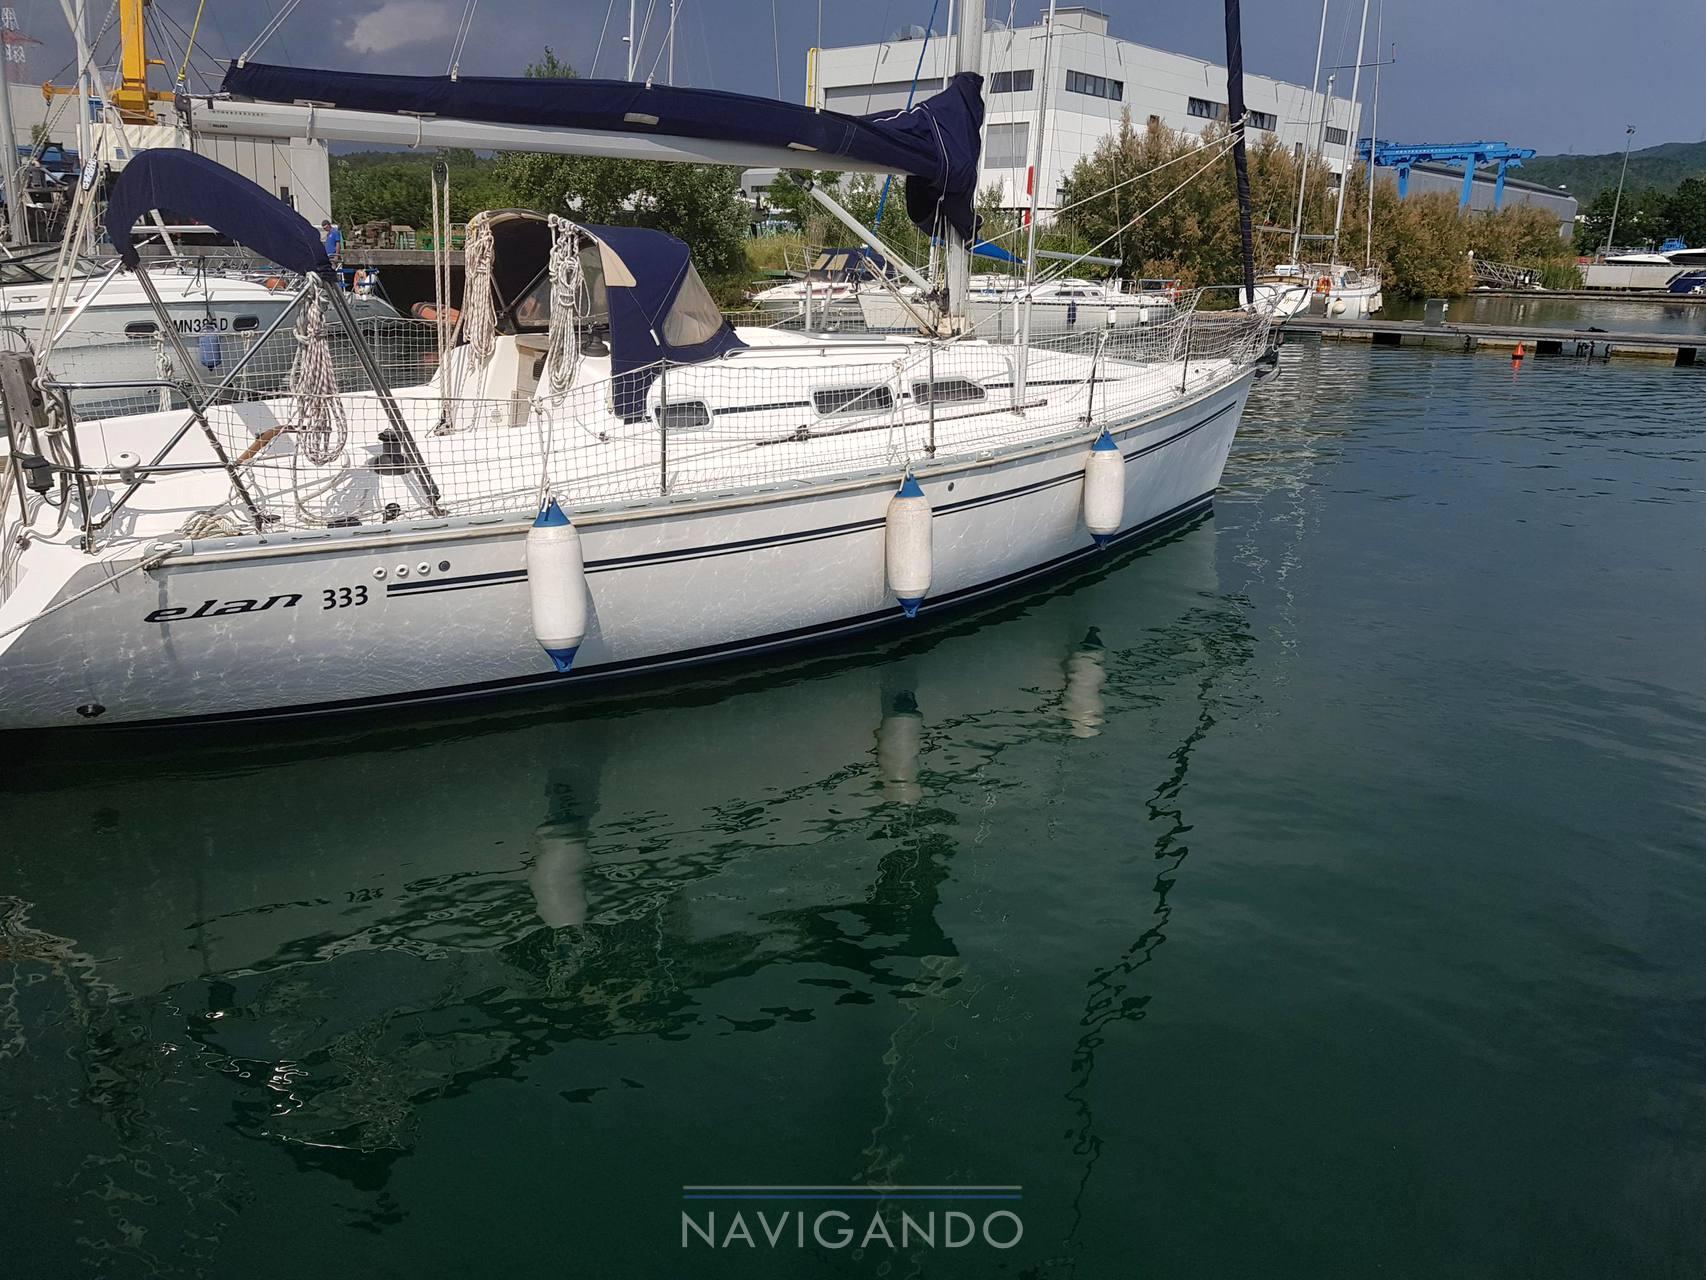 Elan 333 Sail cruiser